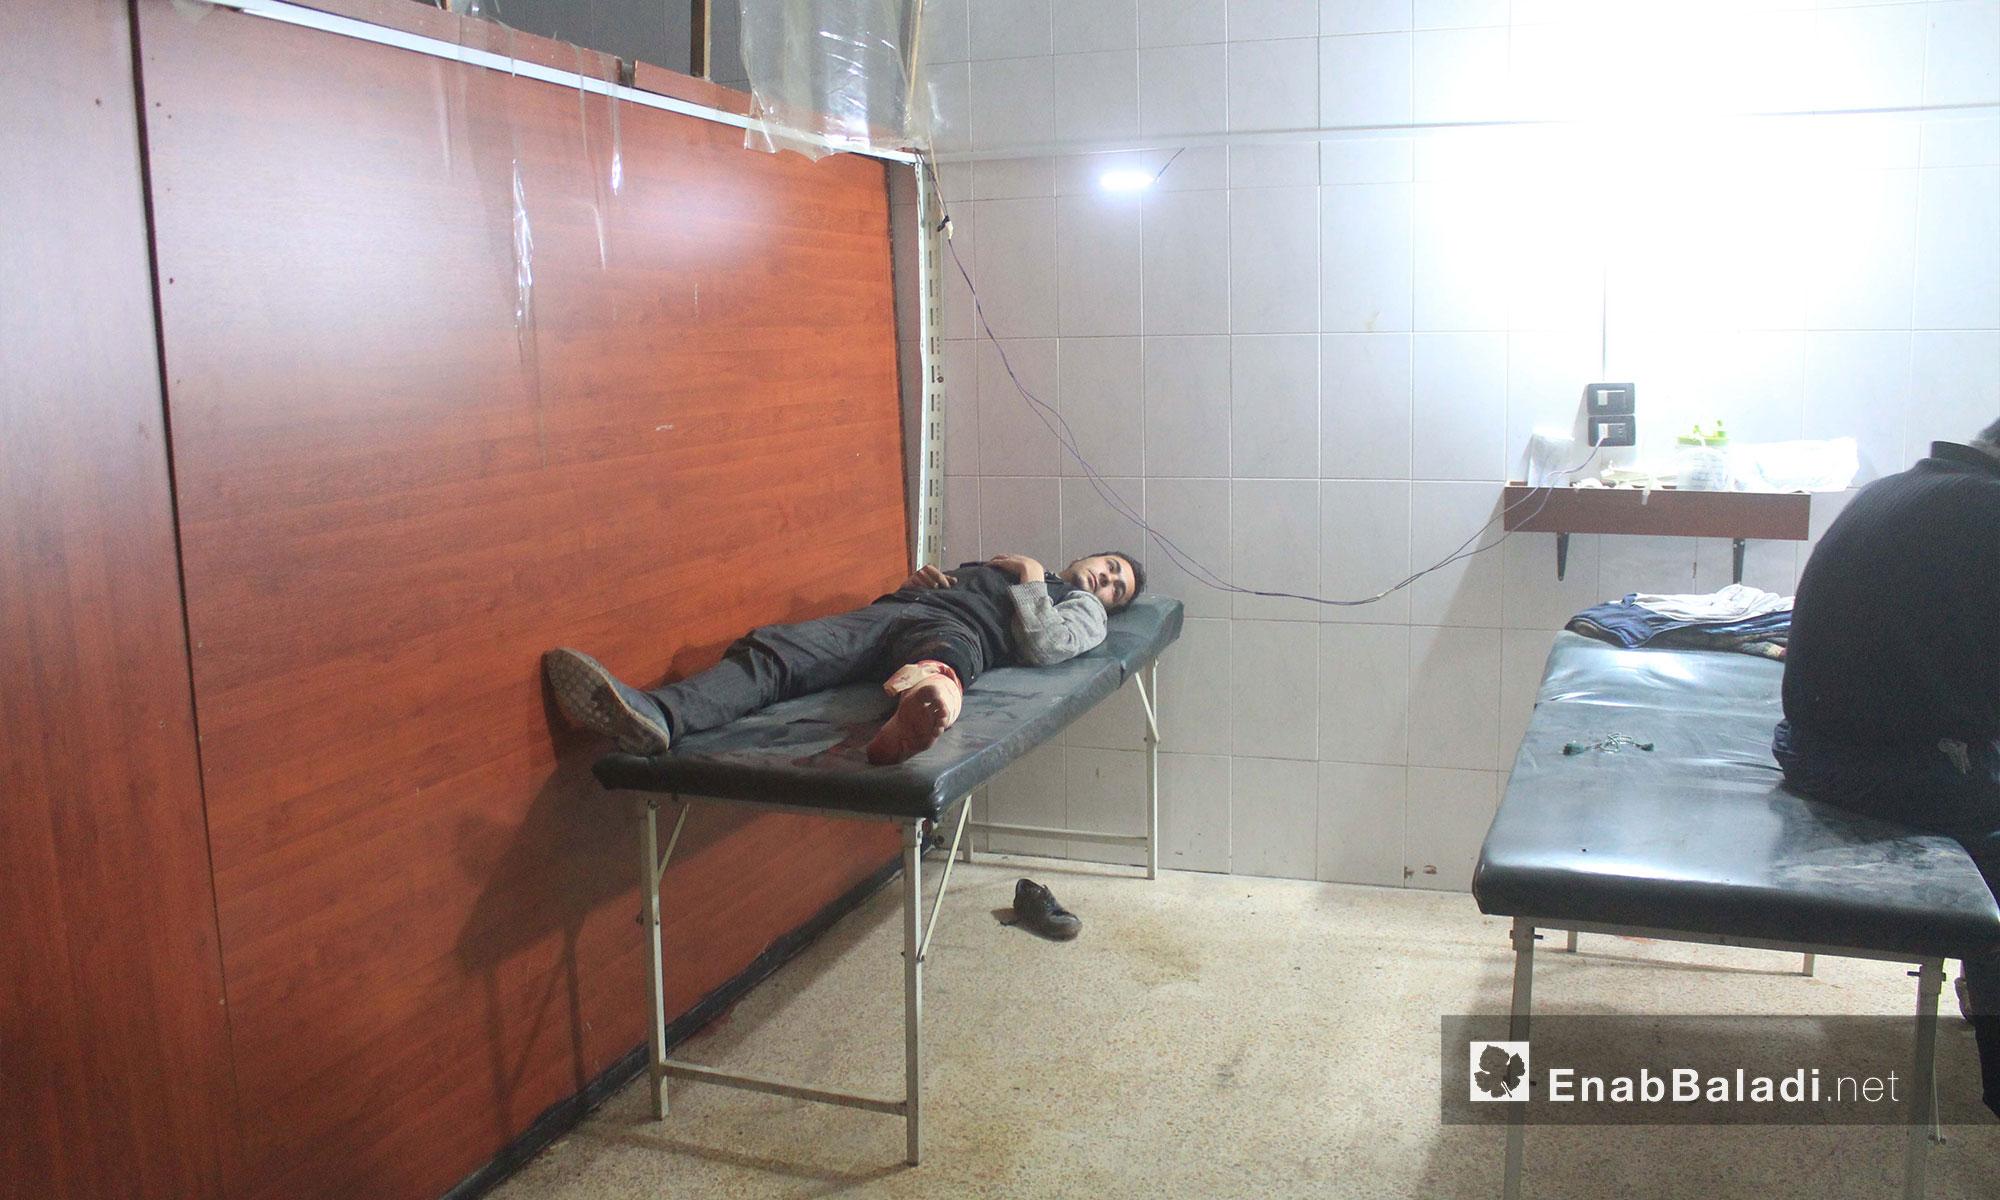 إسعاف جرحى  في أحد مشافي الغوطة الشرقية - 21 شباط 2018 (عنب بلدي)